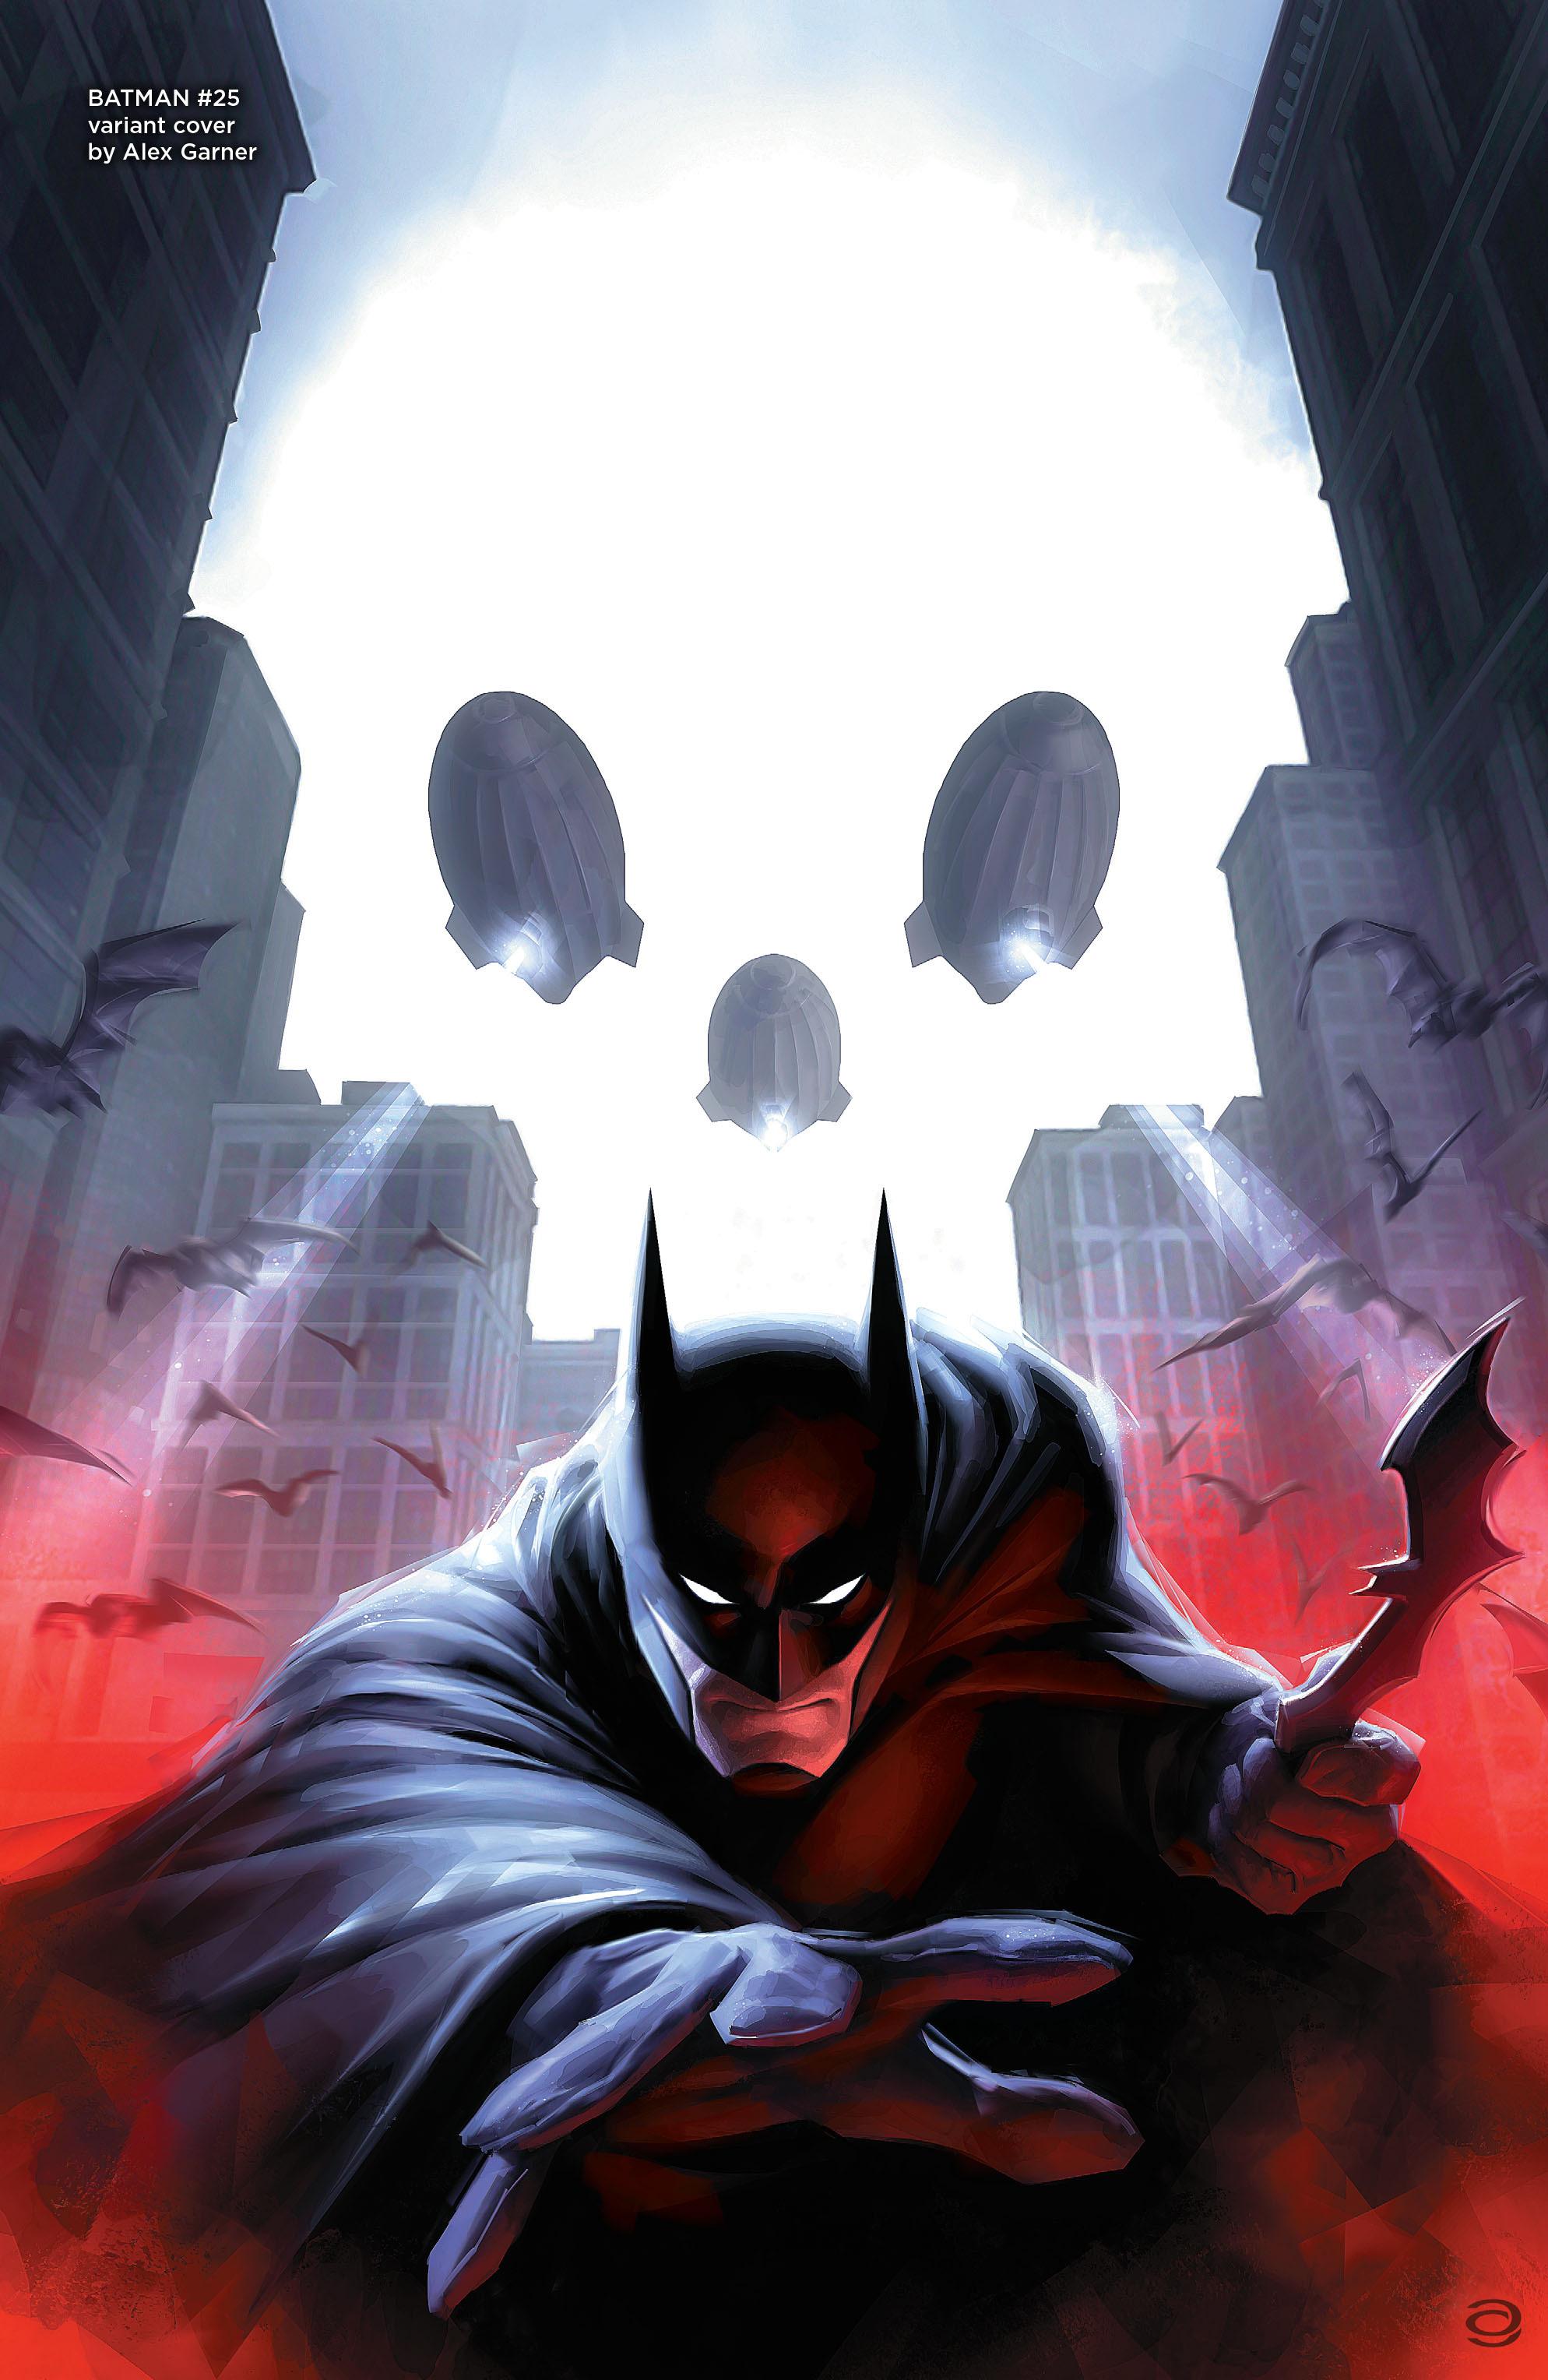 DC Comics: Zero Year chap tpb pic 427